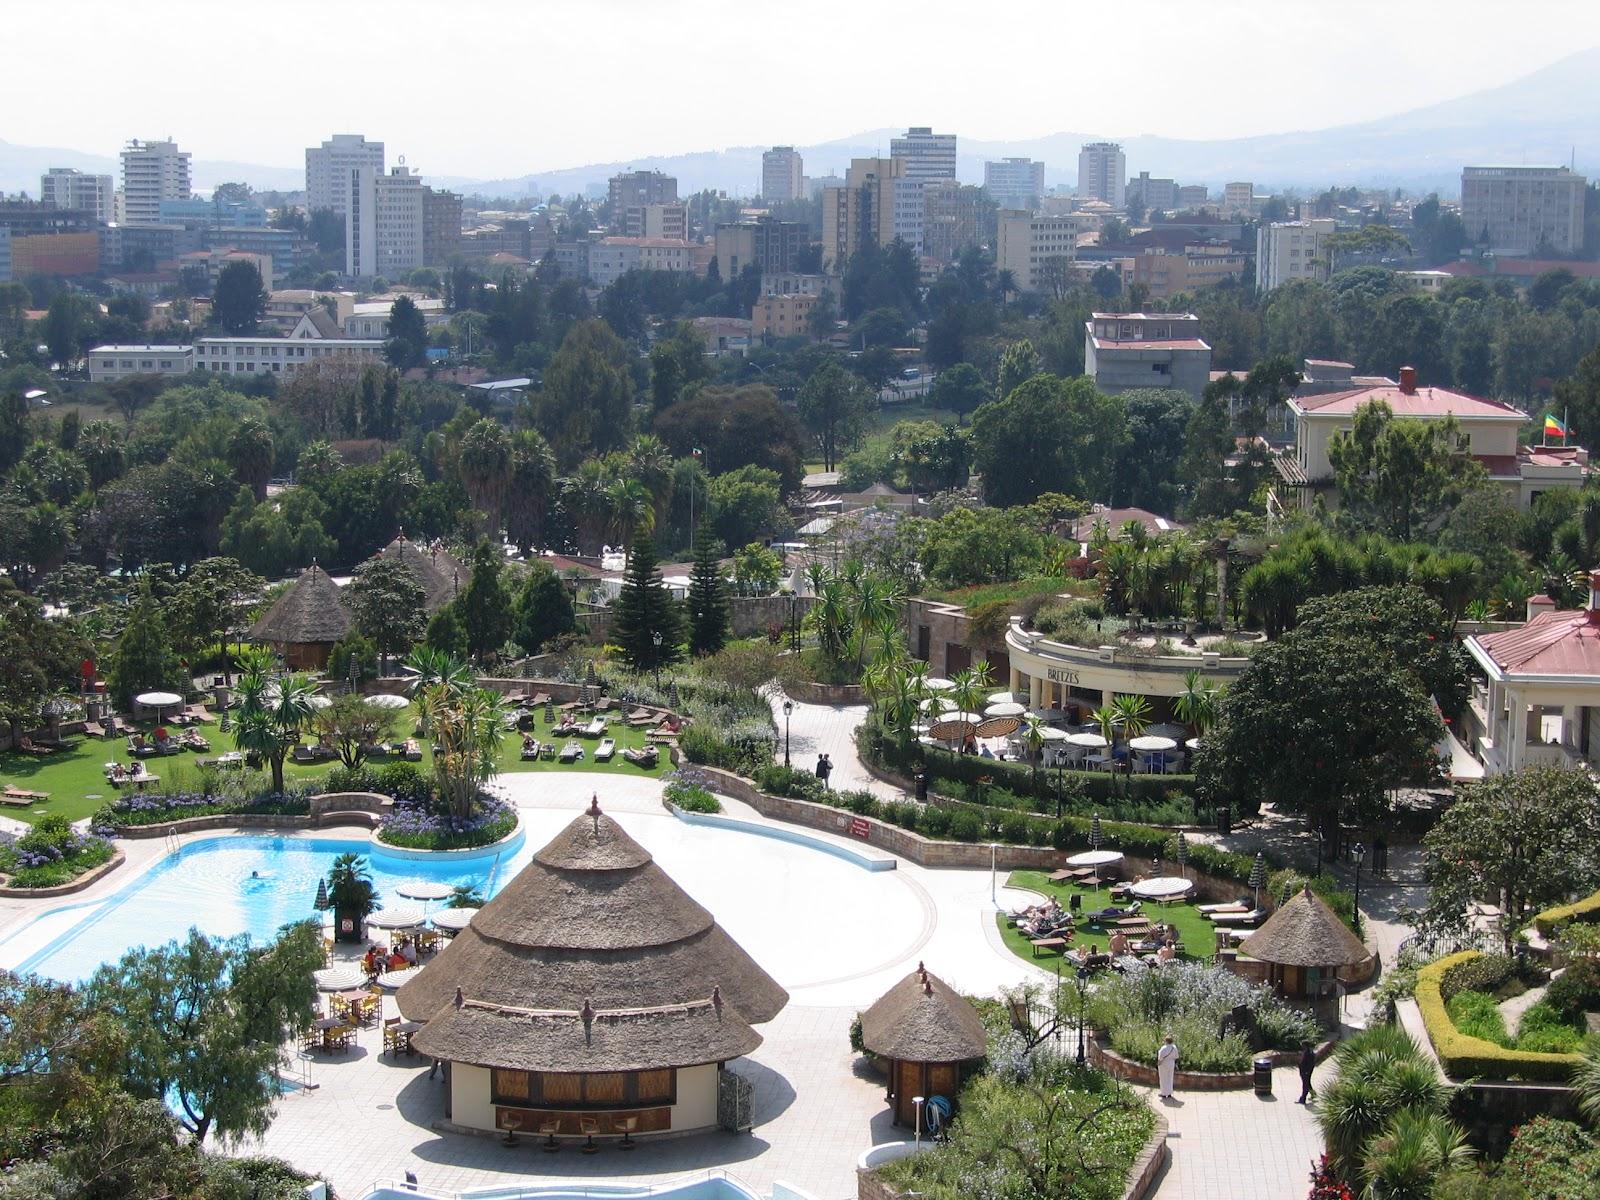 Phoebettmh Travel: (Ethiopia) - Addis Ababa - The Highest